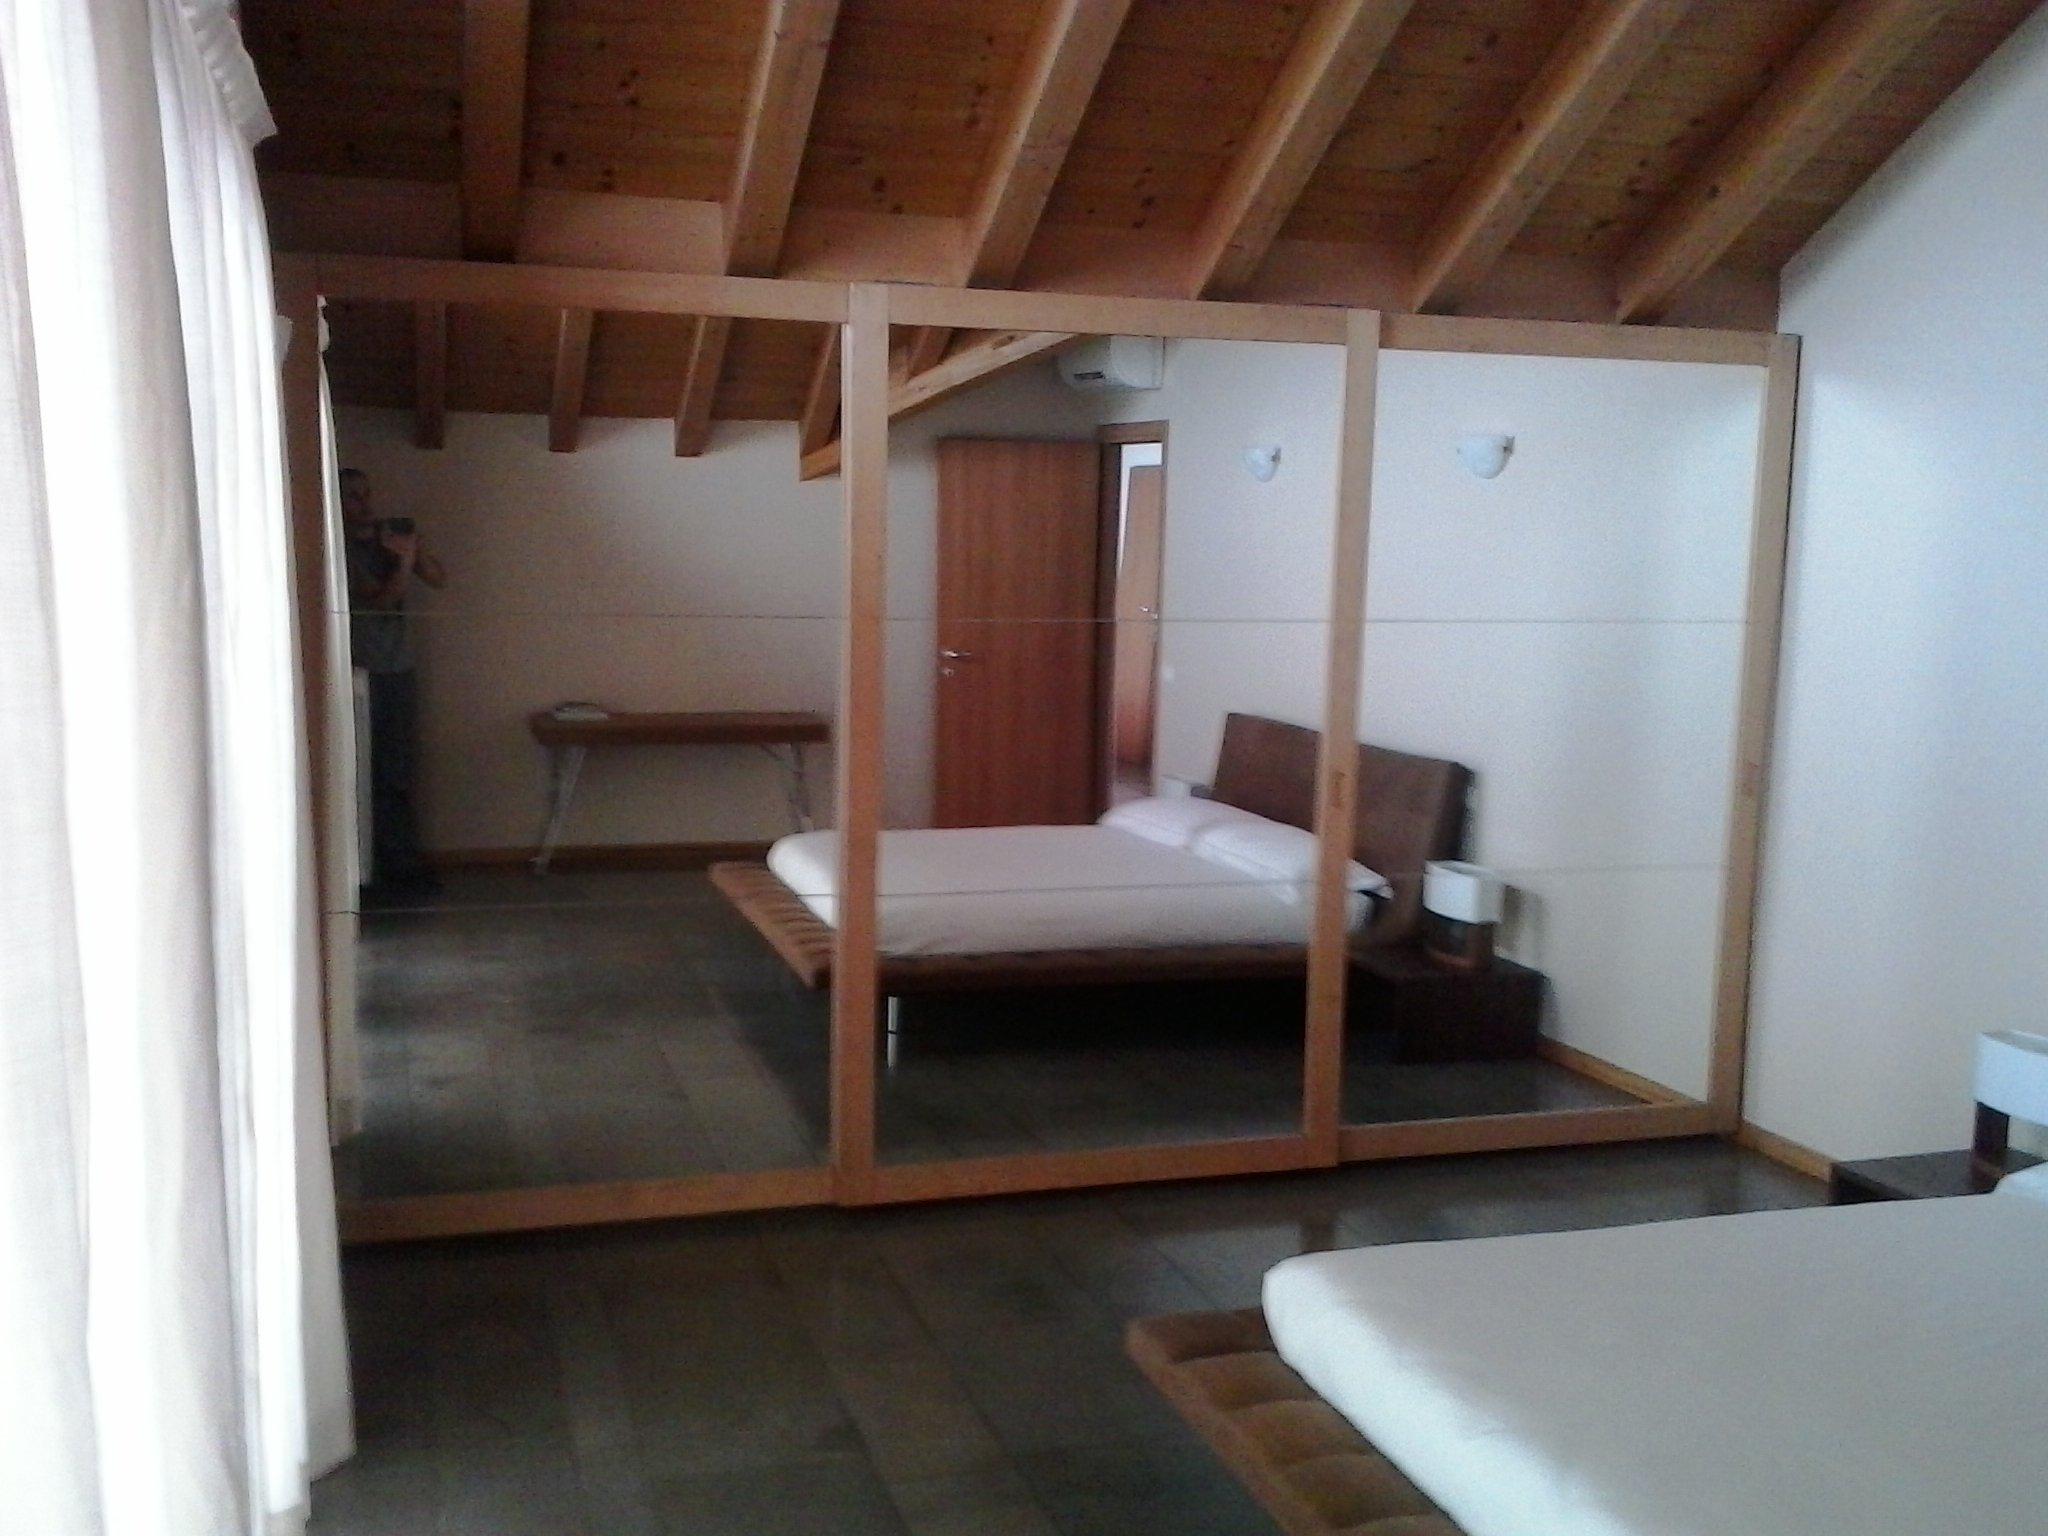 legno camera letto 1